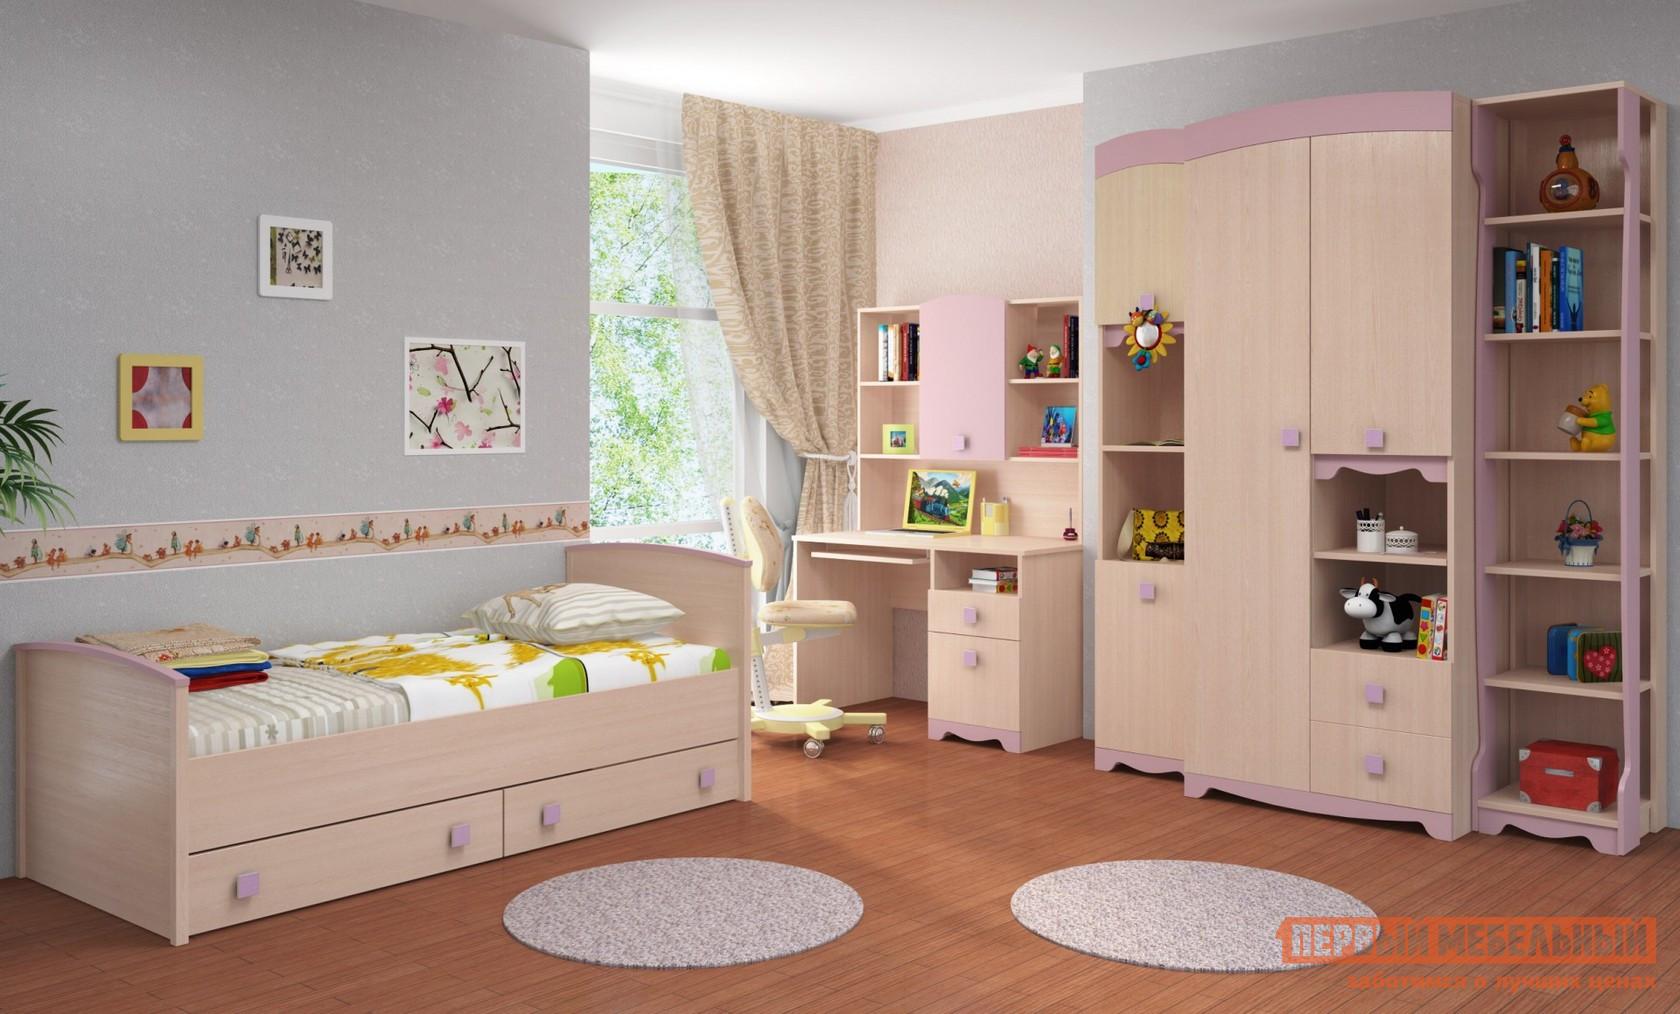 Комплект детской мебели ТД Арника Пинк К1 комплект детской мебели трия прованс к1